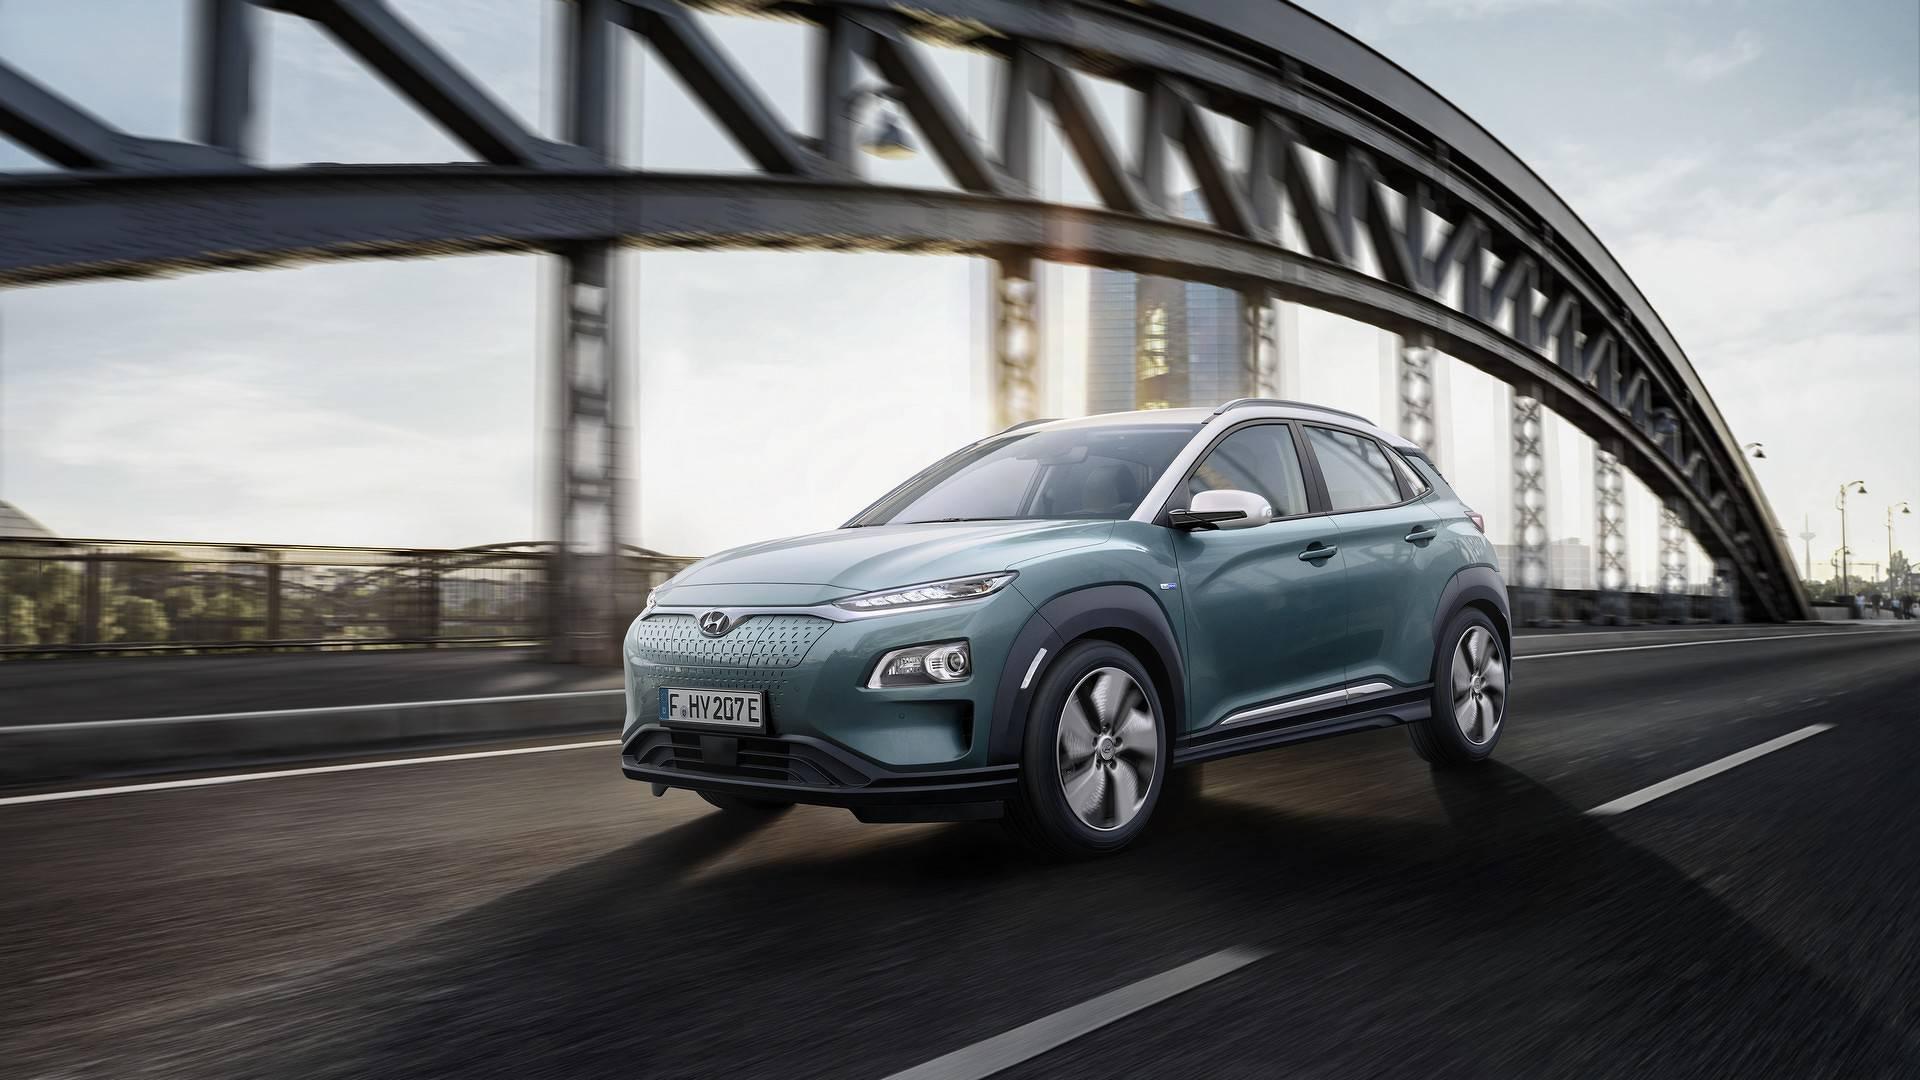 Электромобиль Hyundai Kona дебютировал в двух версиях